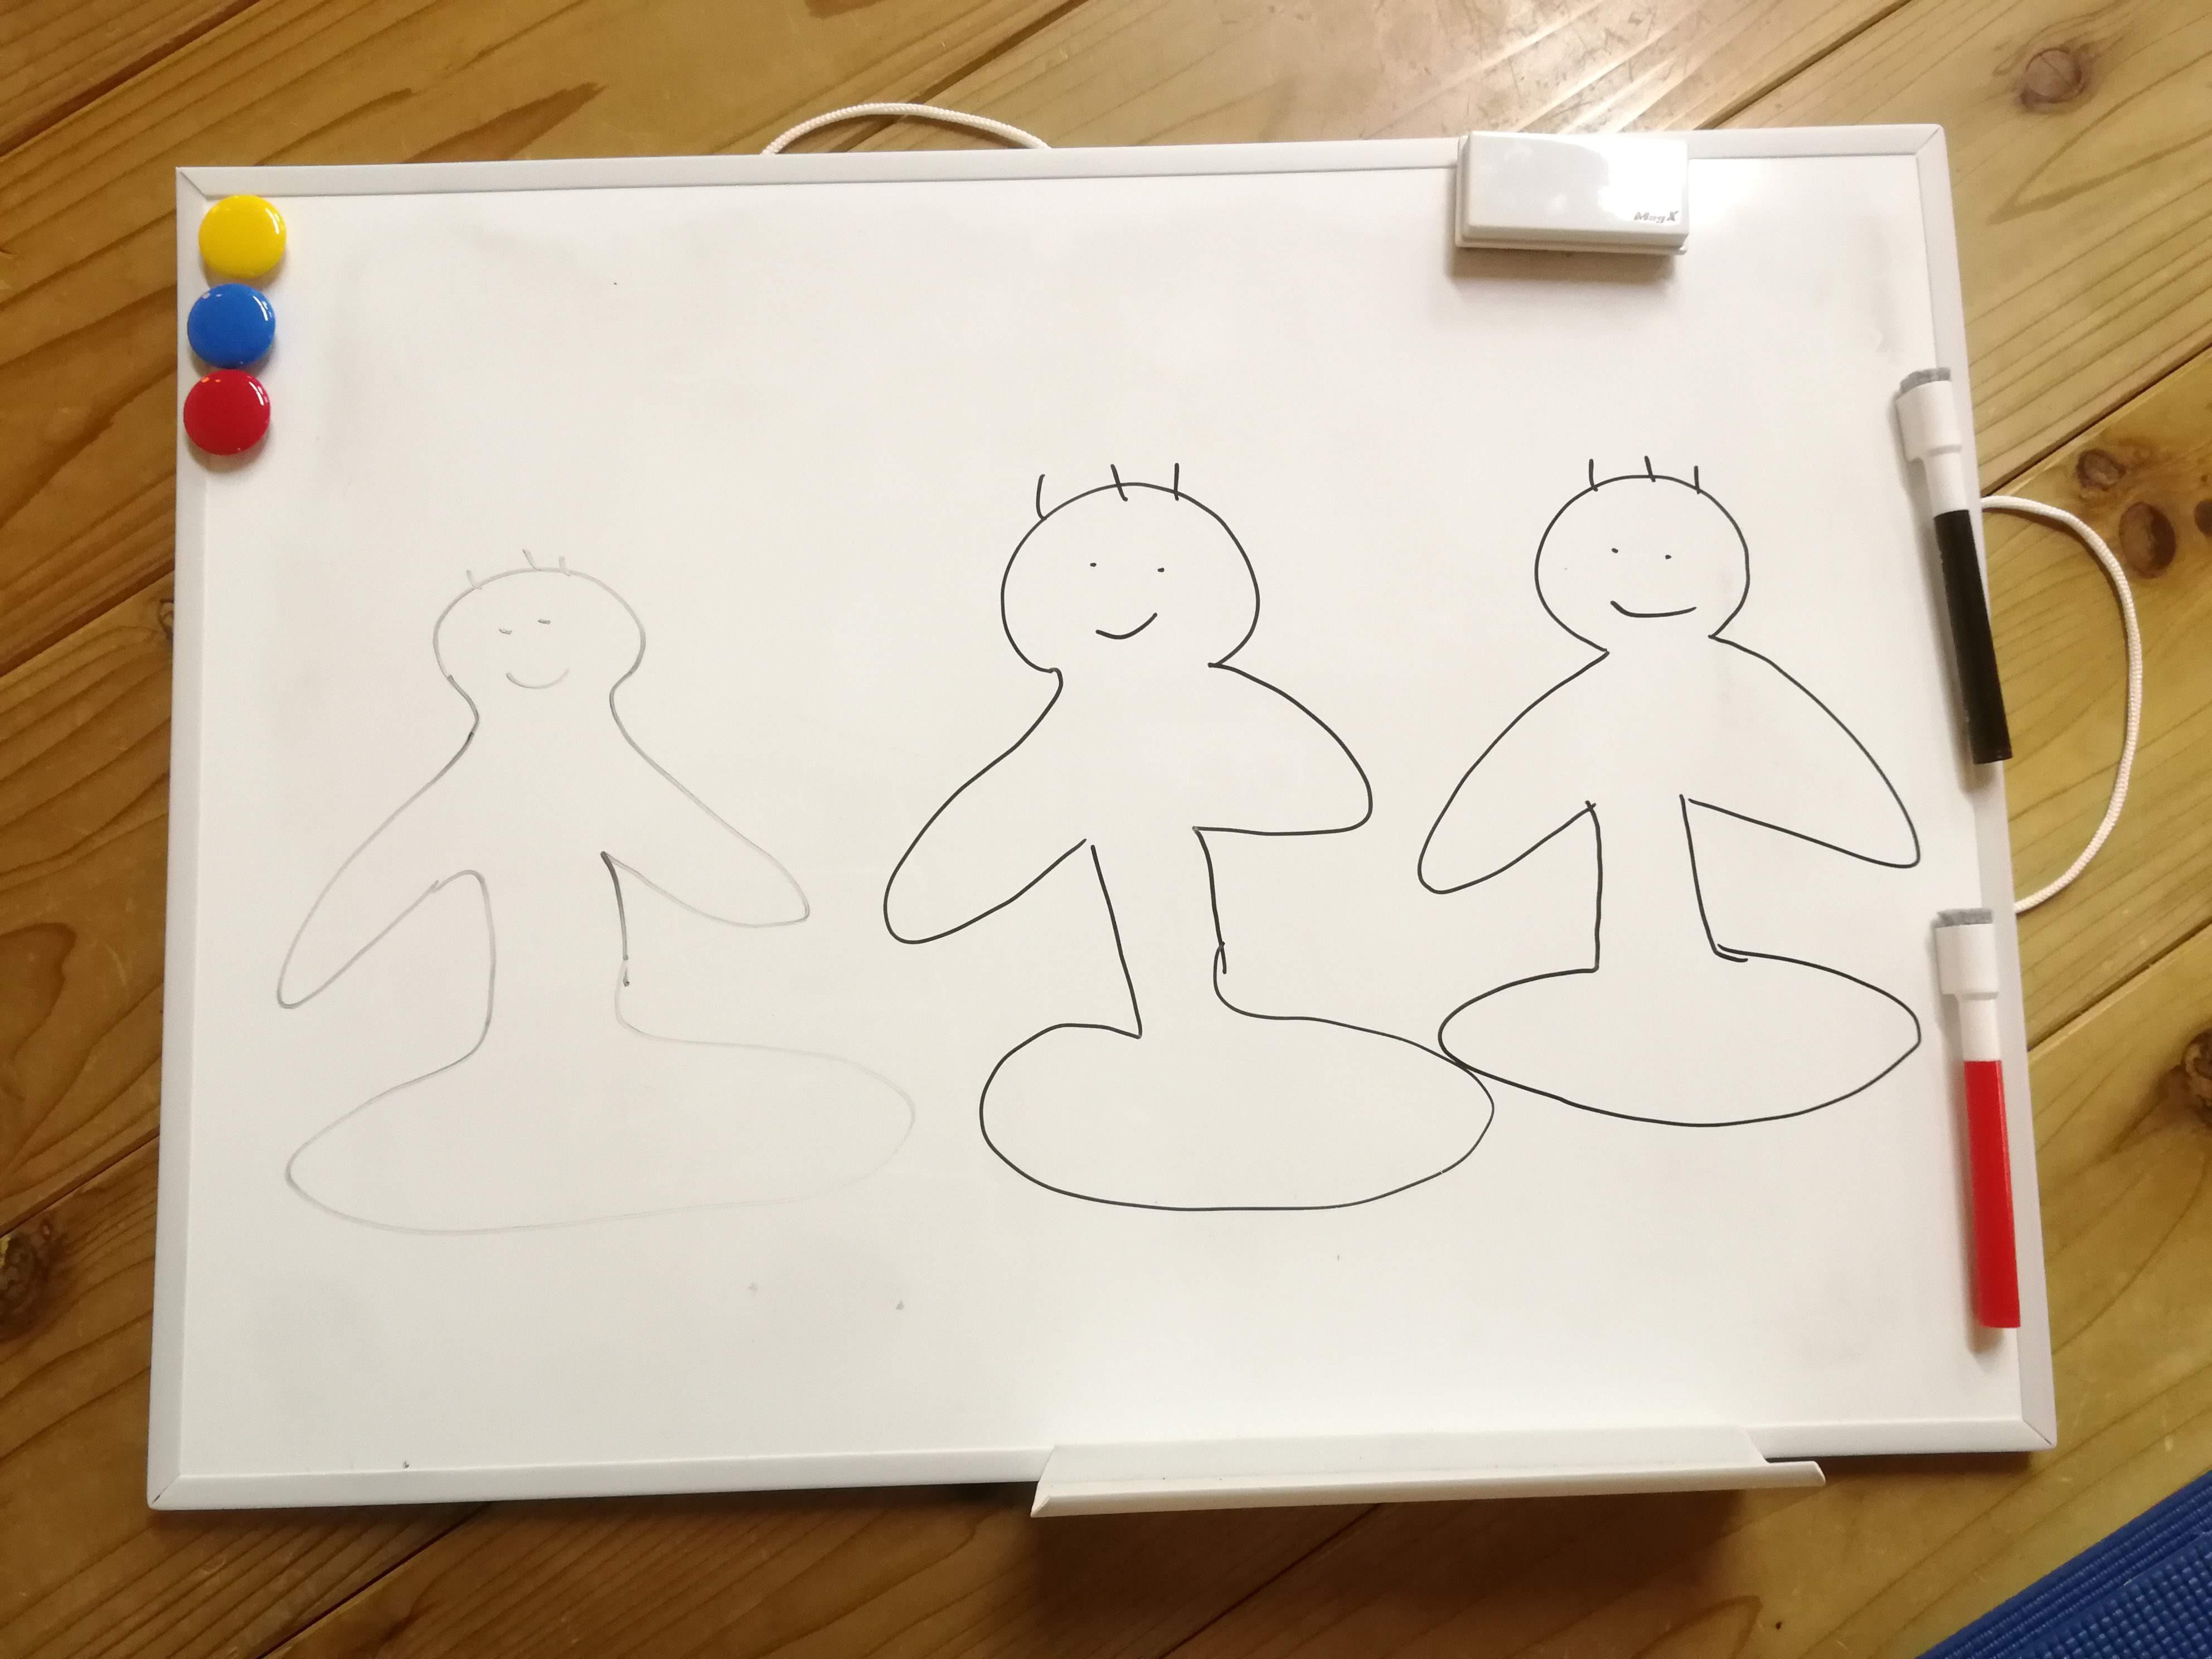 瞑想のやり方を説明したの、撮り忘れた!これじゃ、ただのらくがきだ。